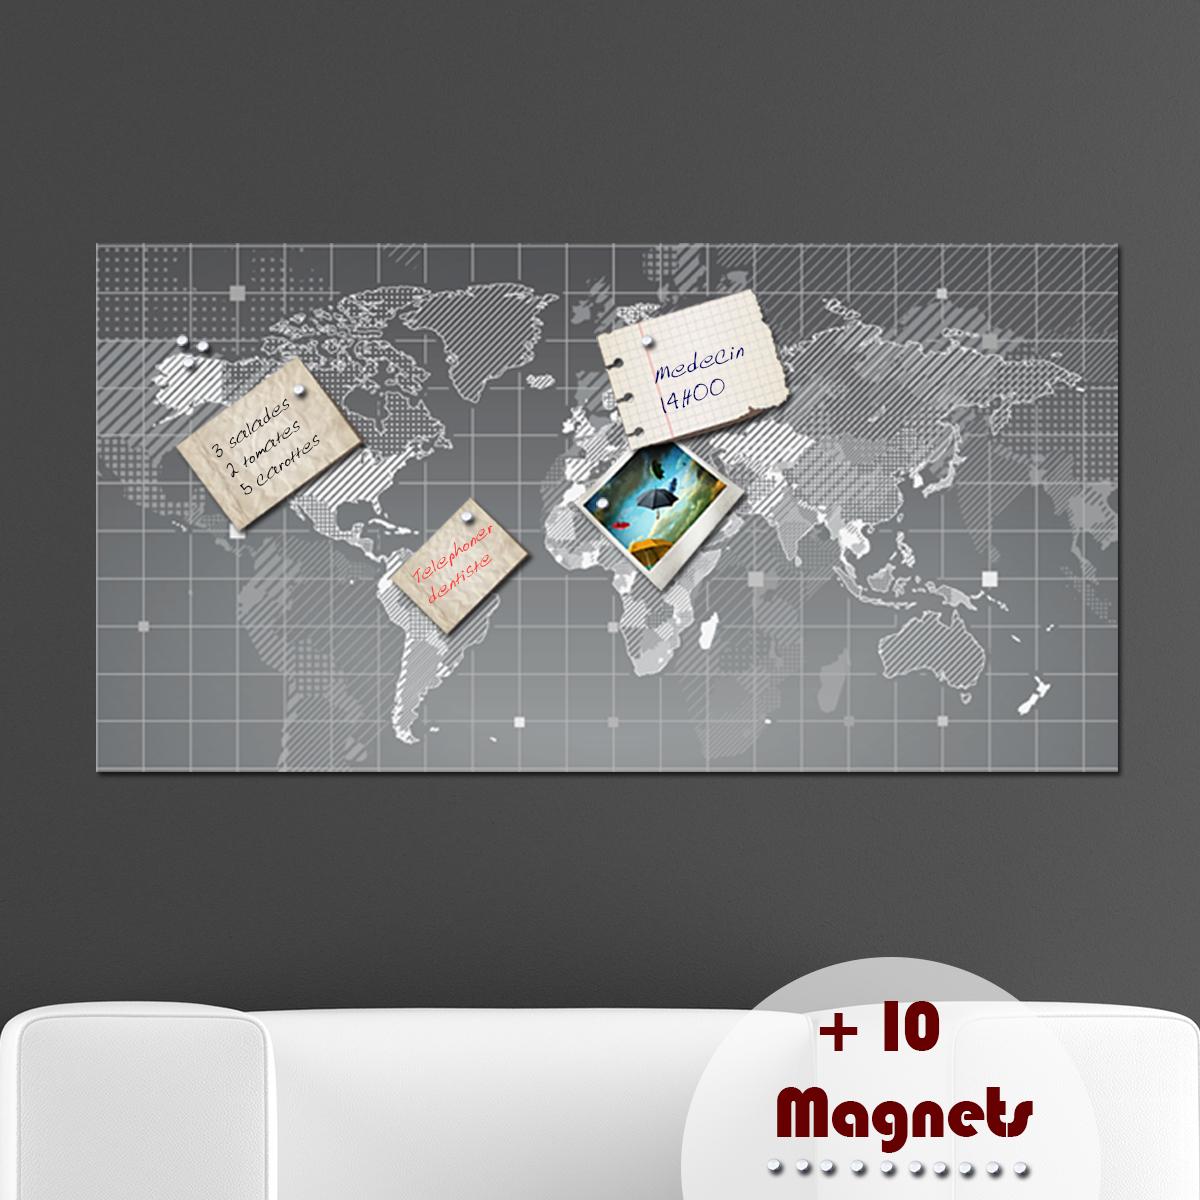 papier peint magn tique sticker papier peint magn tique. Black Bedroom Furniture Sets. Home Design Ideas